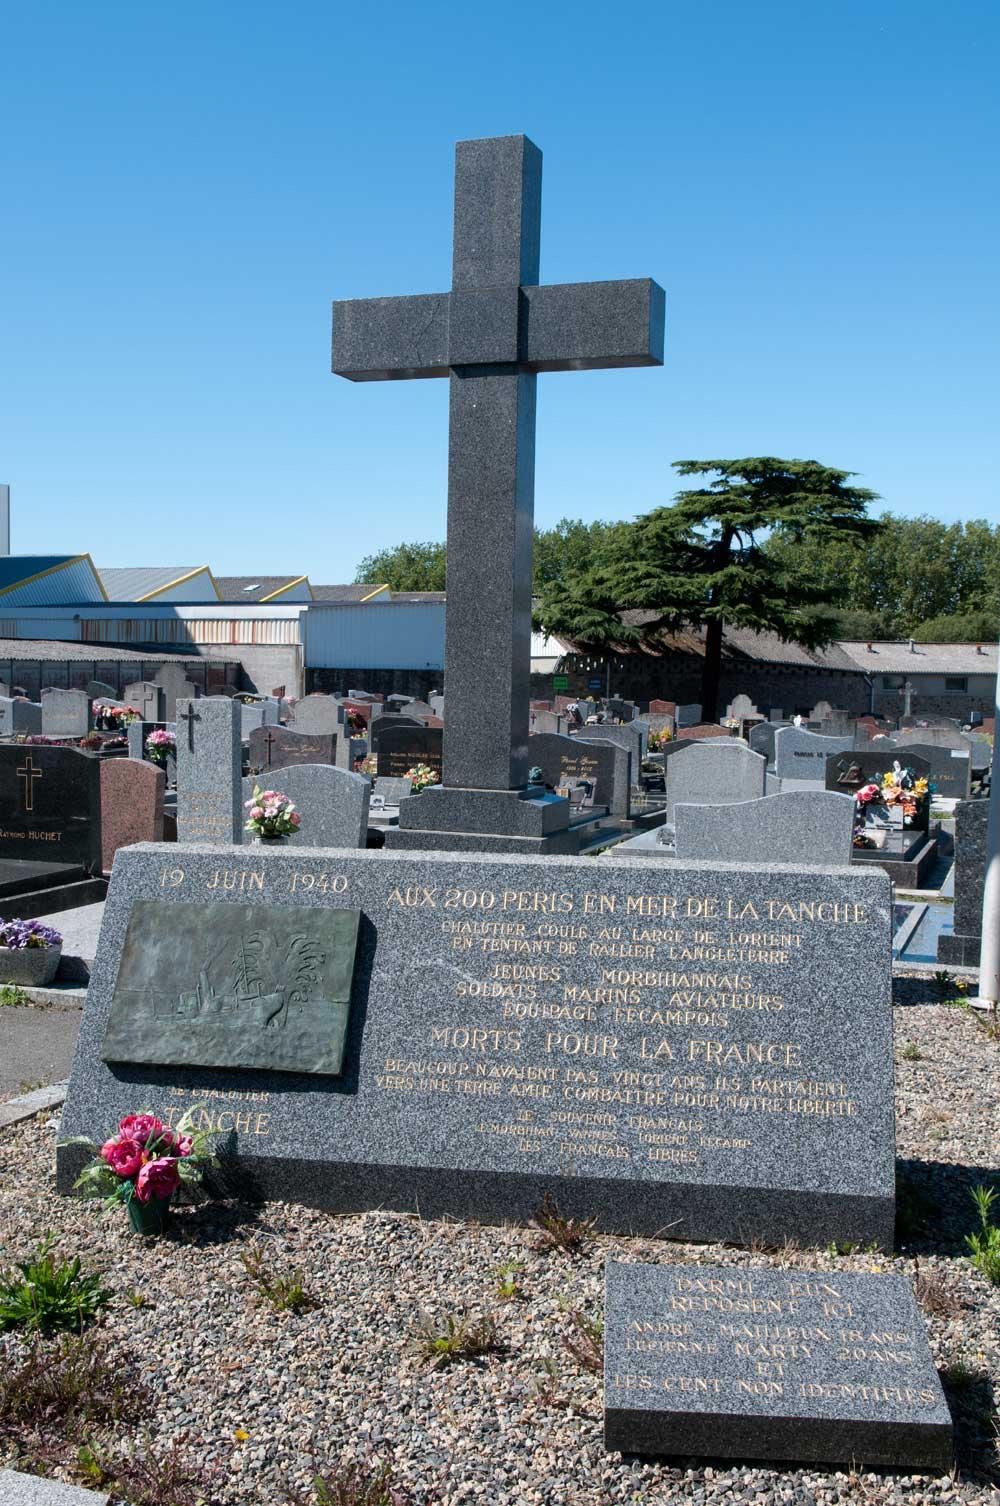 Stèle du naufrage du Tanche au cimetière de Kerentrech